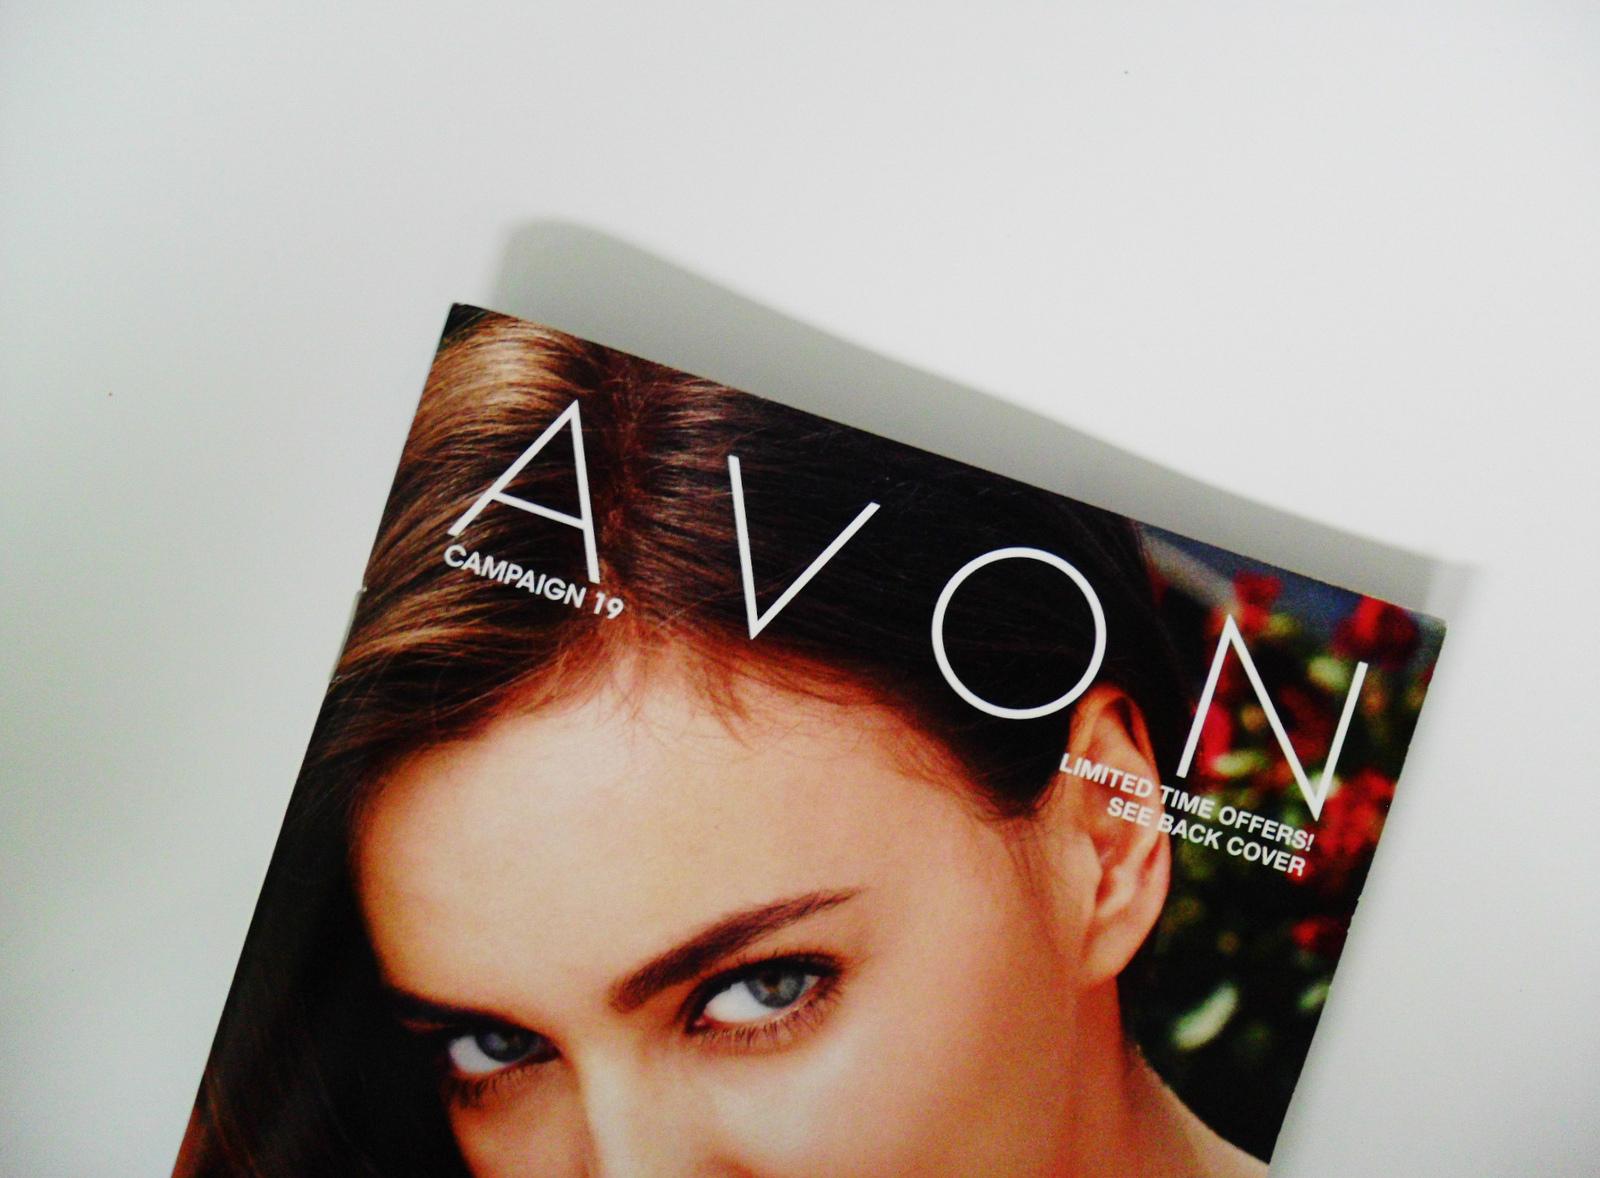 An Avon catalogue